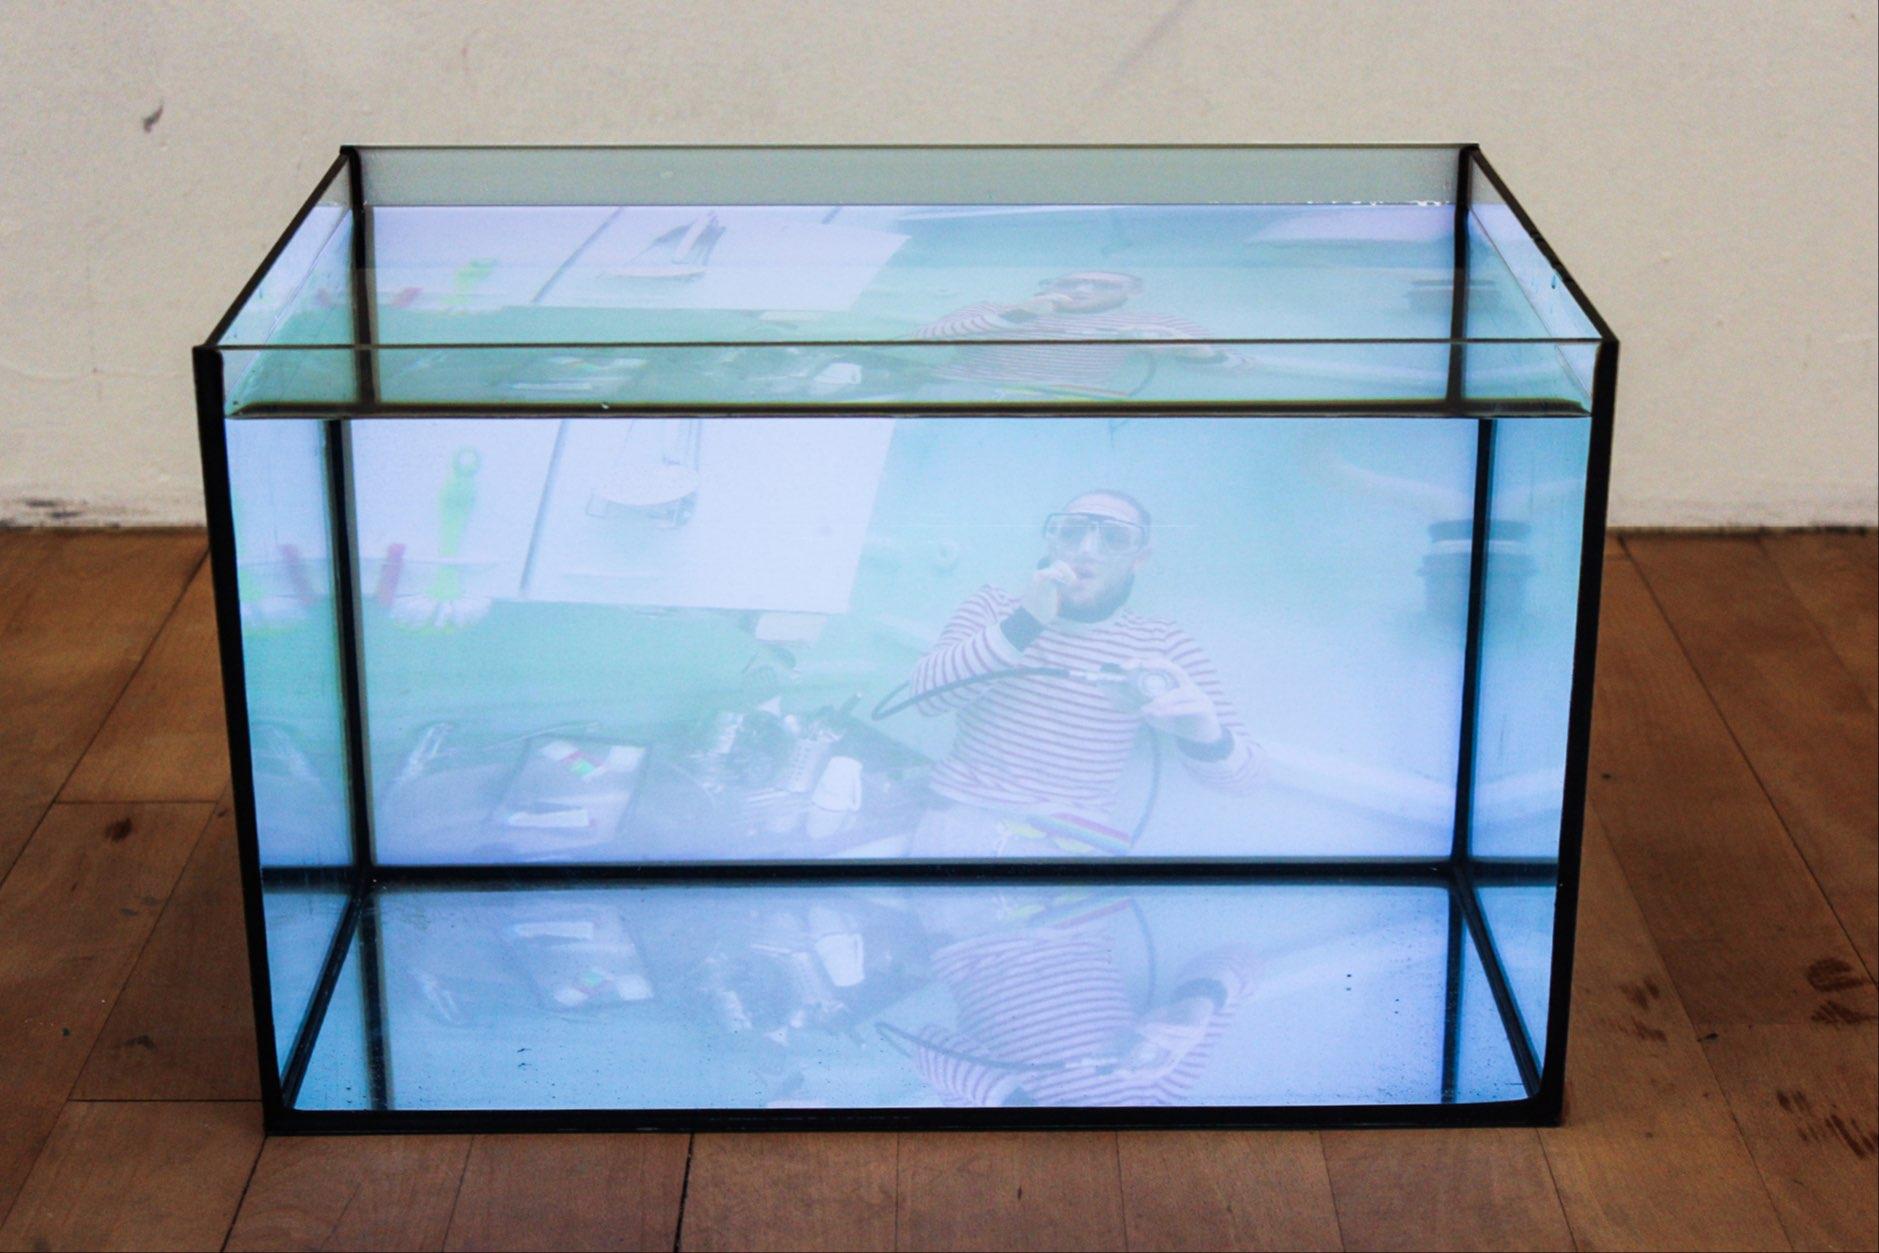 UWE (Unterwasserlebensentwurf - vacuum-edition), exhibition view, video installation, 2019